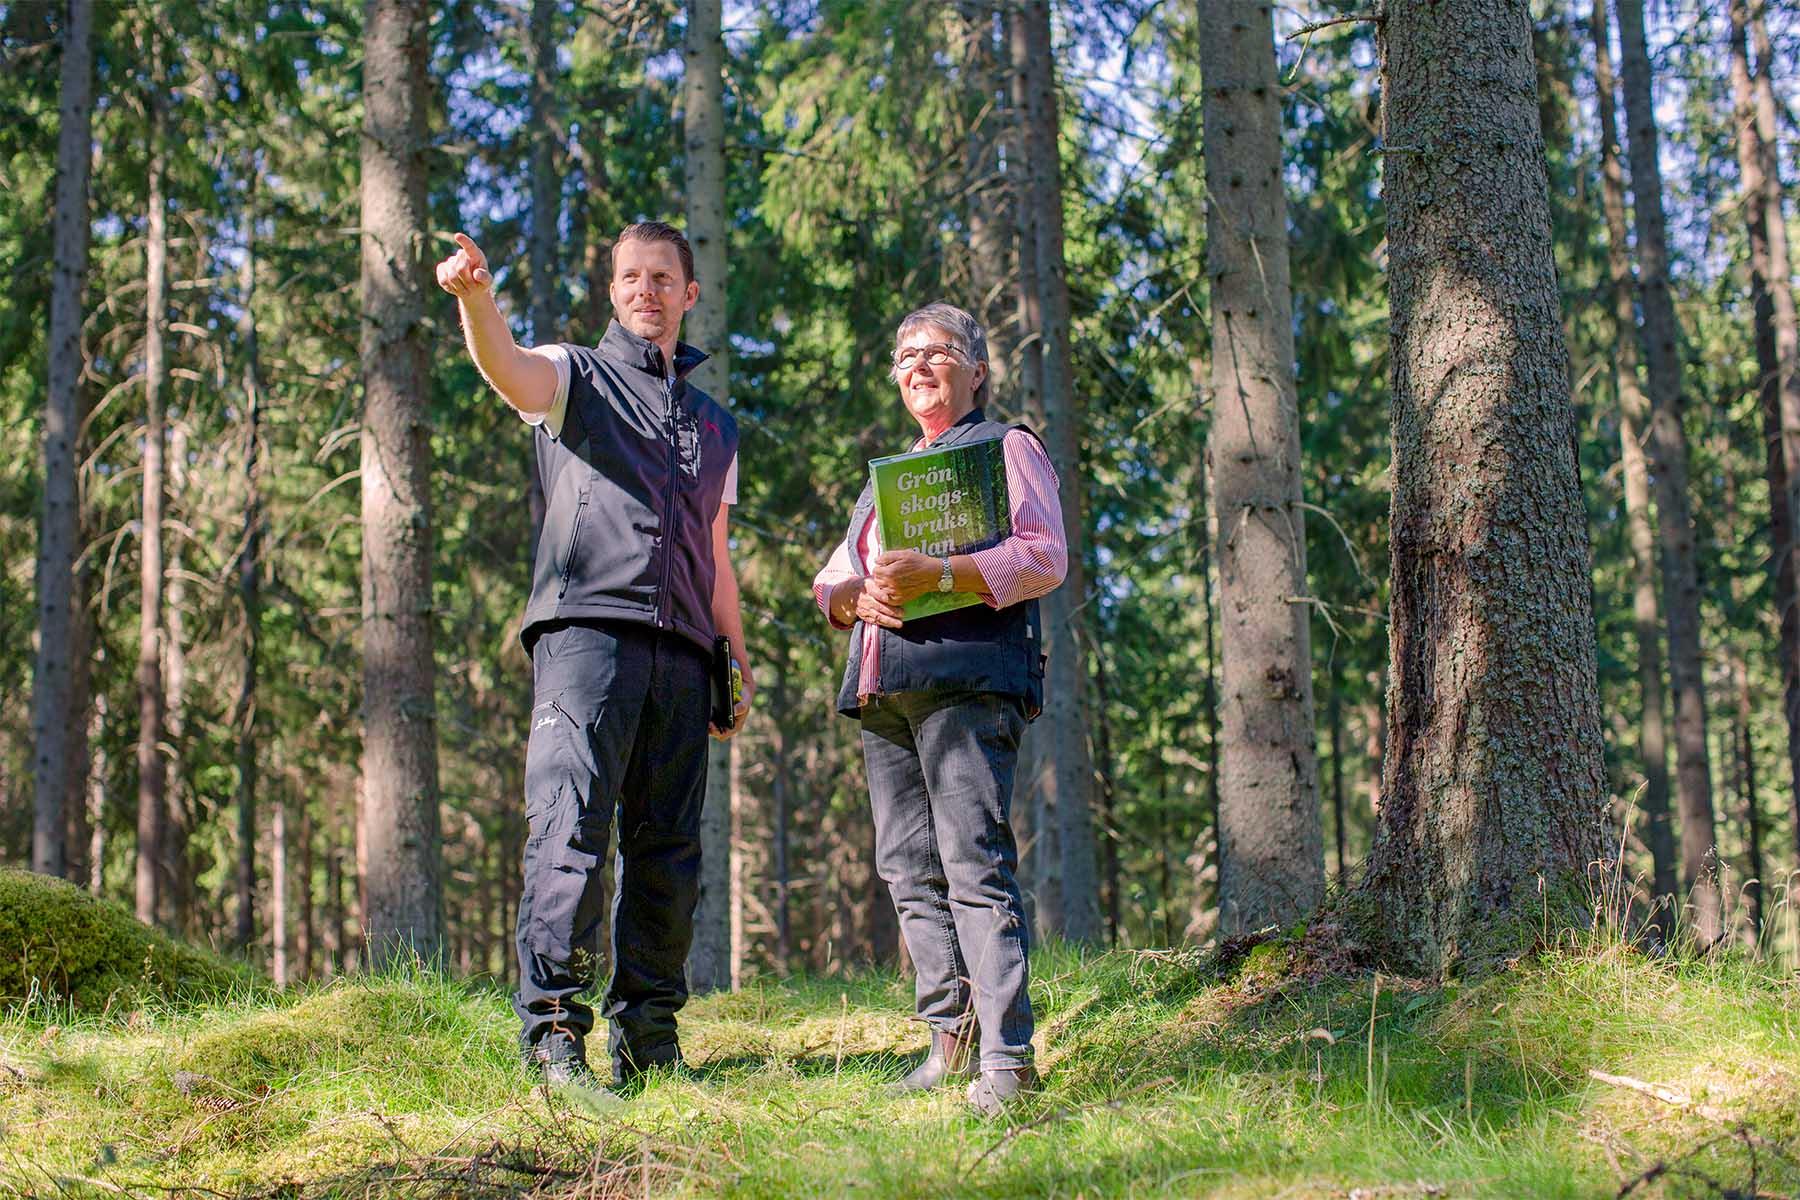 Säkra möten i en osäker tid - Låt oss ses i skogen